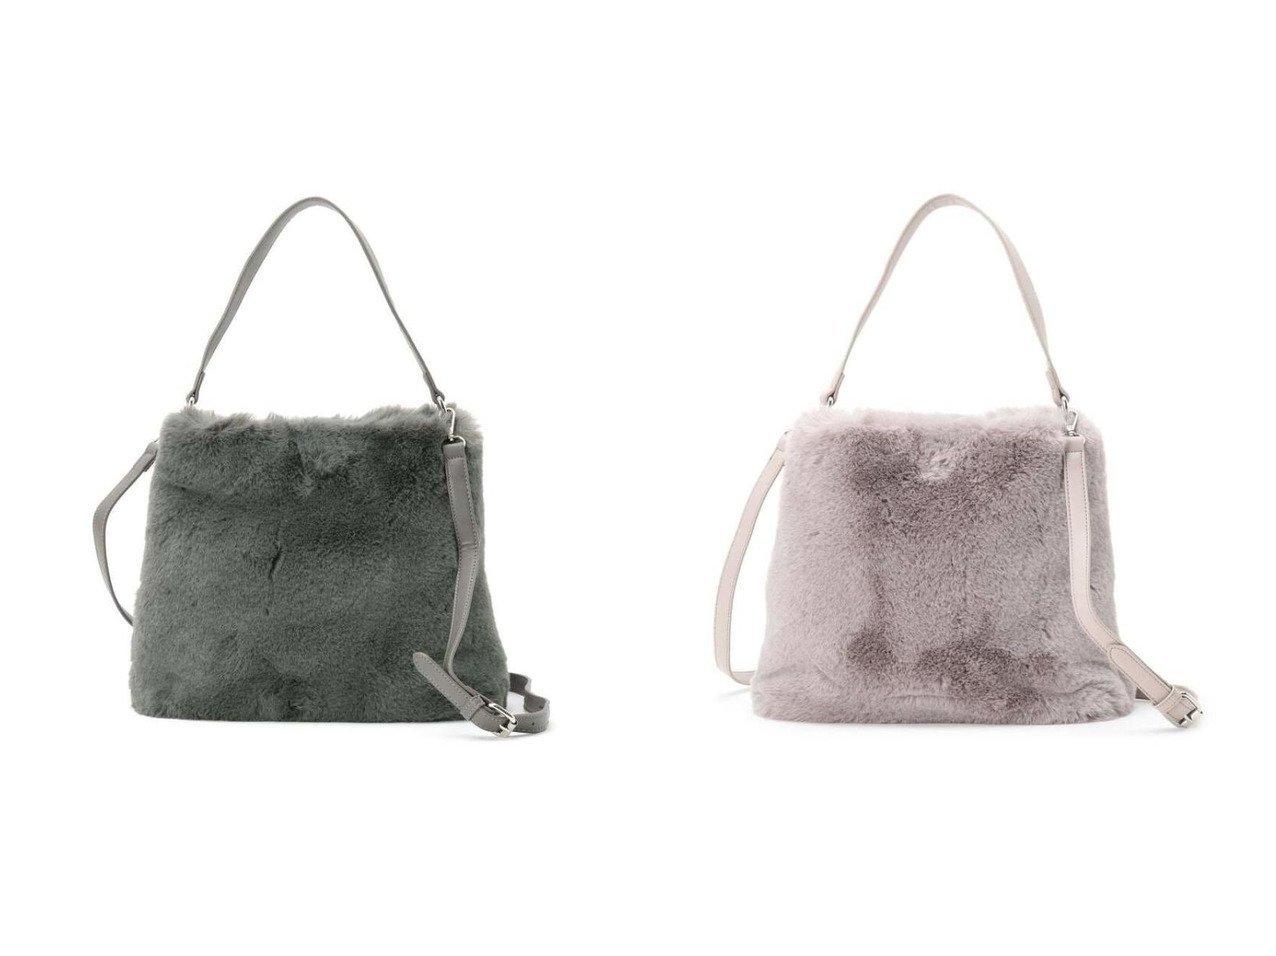 【Reflect/リフレクト】のエコファーバッグ バッグ・鞄のおすすめ!人気、トレンド・レディースファッションの通販  おすすめで人気の流行・トレンド、ファッションの通販商品 メンズファッション・キッズファッション・インテリア・家具・レディースファッション・服の通販 founy(ファニー) https://founy.com/ ファッション Fashion レディースファッション WOMEN バッグ Bag ダウン 冬 Winter  ID:crp329100000009930